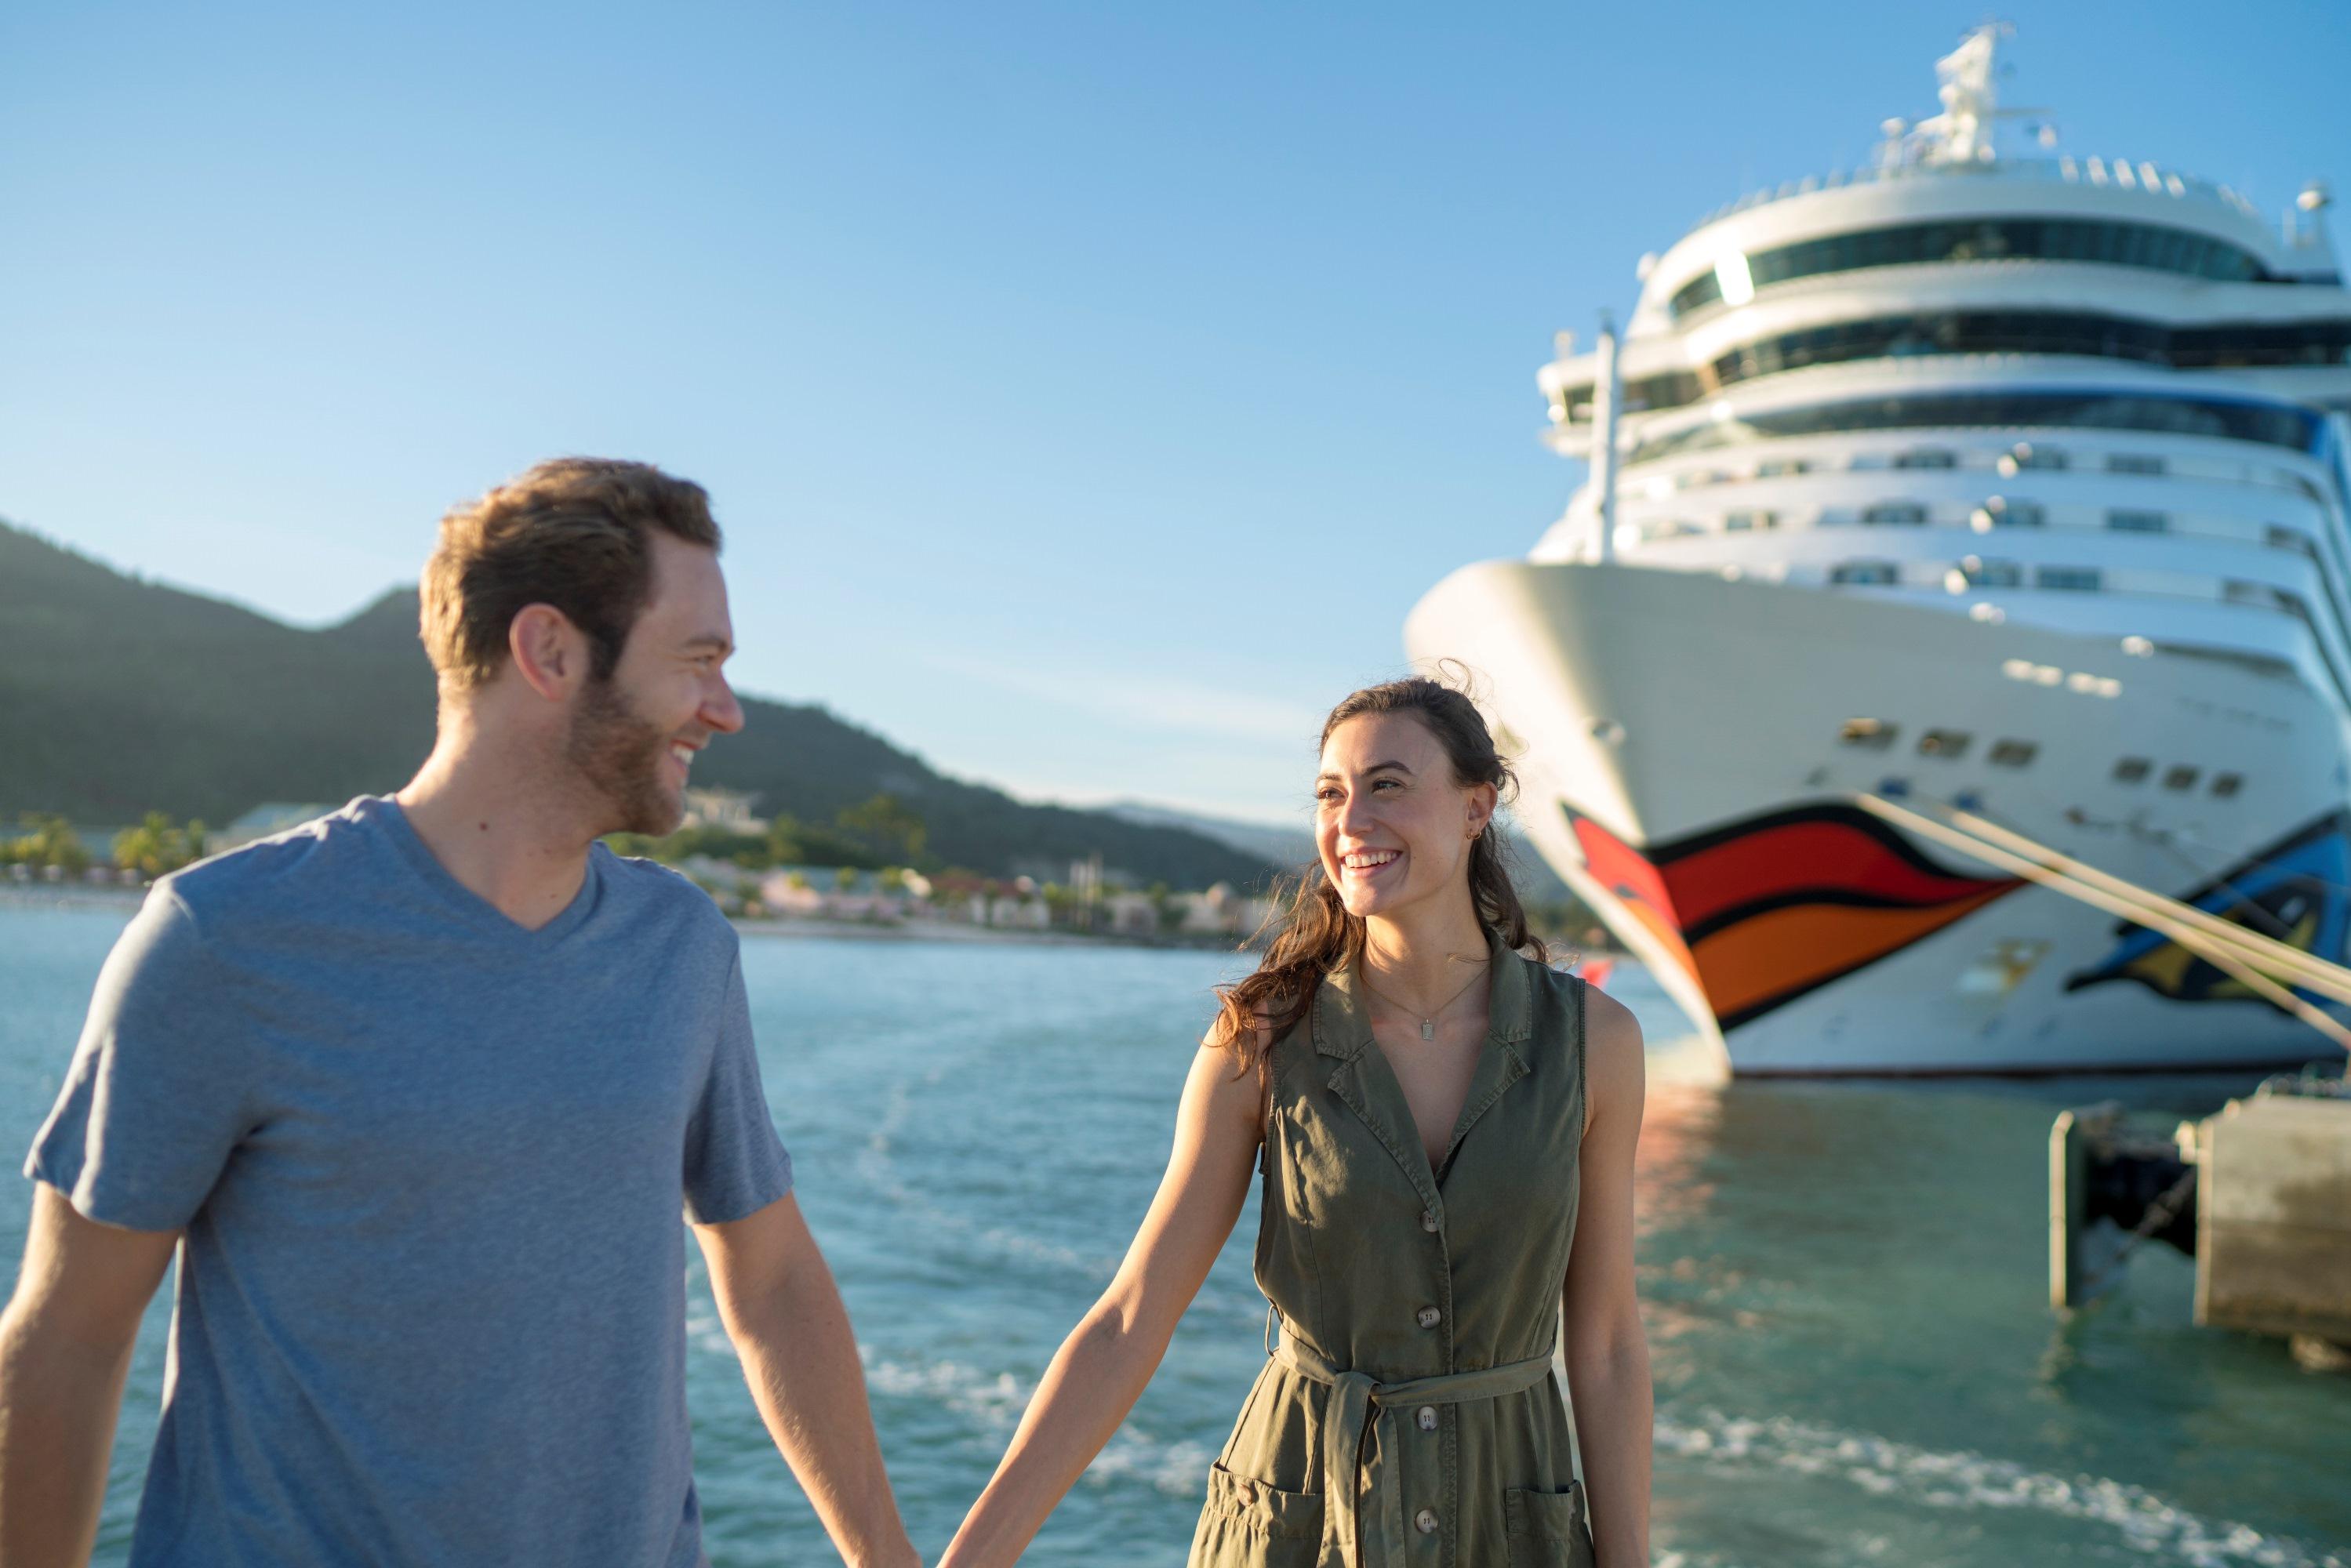 """AIDA Cruises genießt bei Verbrauchern das stärkste Markenvertrauen. Die Rostocker Reederei ist bei einer Umfrage des Magazins """"Reader's Digest"""" zur vertrauenswürdigsten Kreuzfahrtreederei in Deutschland gewählt worden. Die jährlich erhobene Studie """"Trusted Brands"""" blickt auf das Markenvertrauen der Konsumenten."""